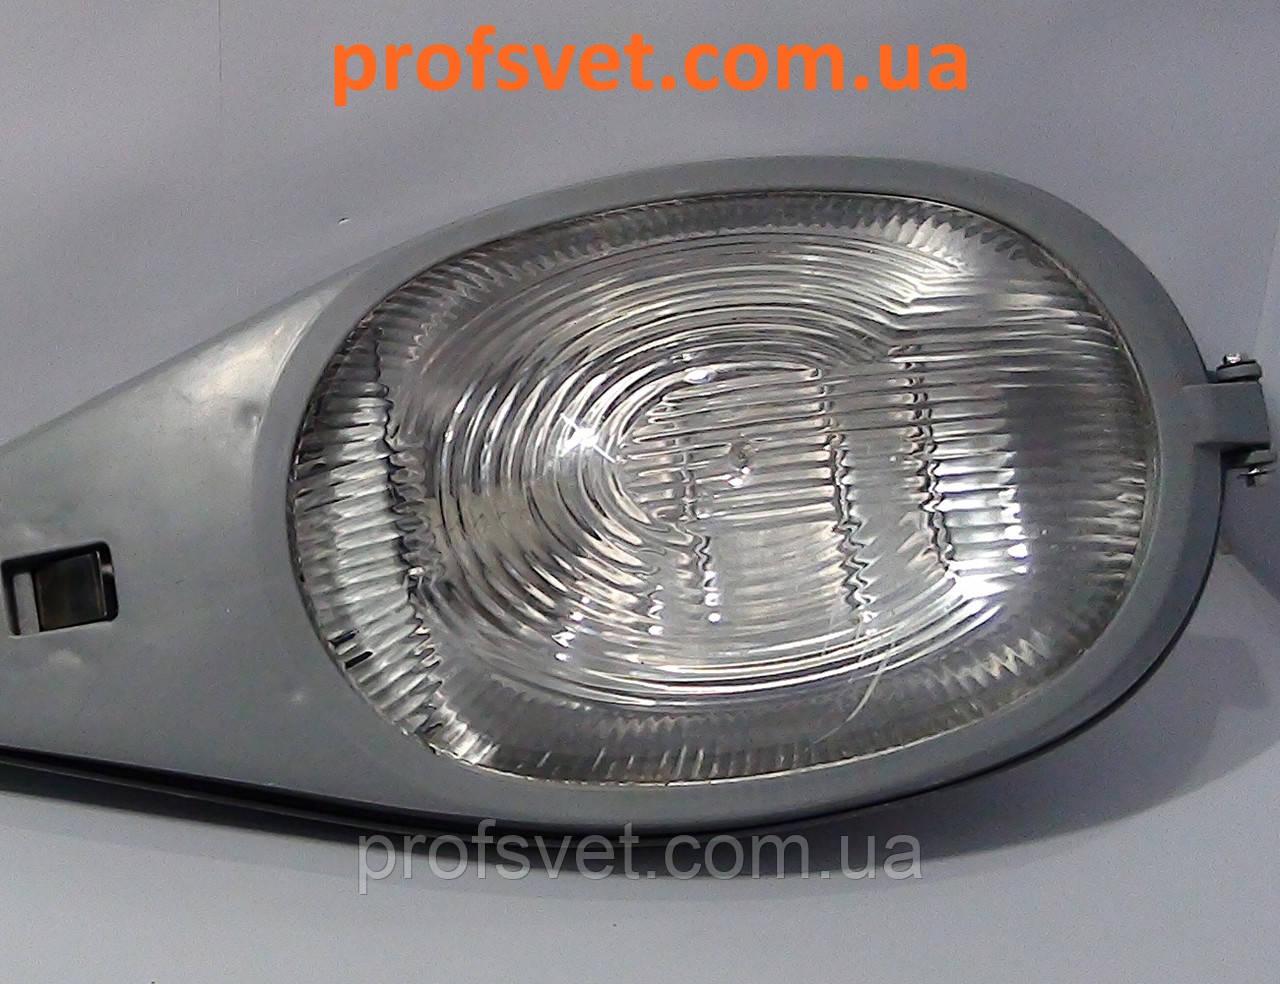 Светильник уличный ЖКУ 100 вт е40 лампа ДНаТ